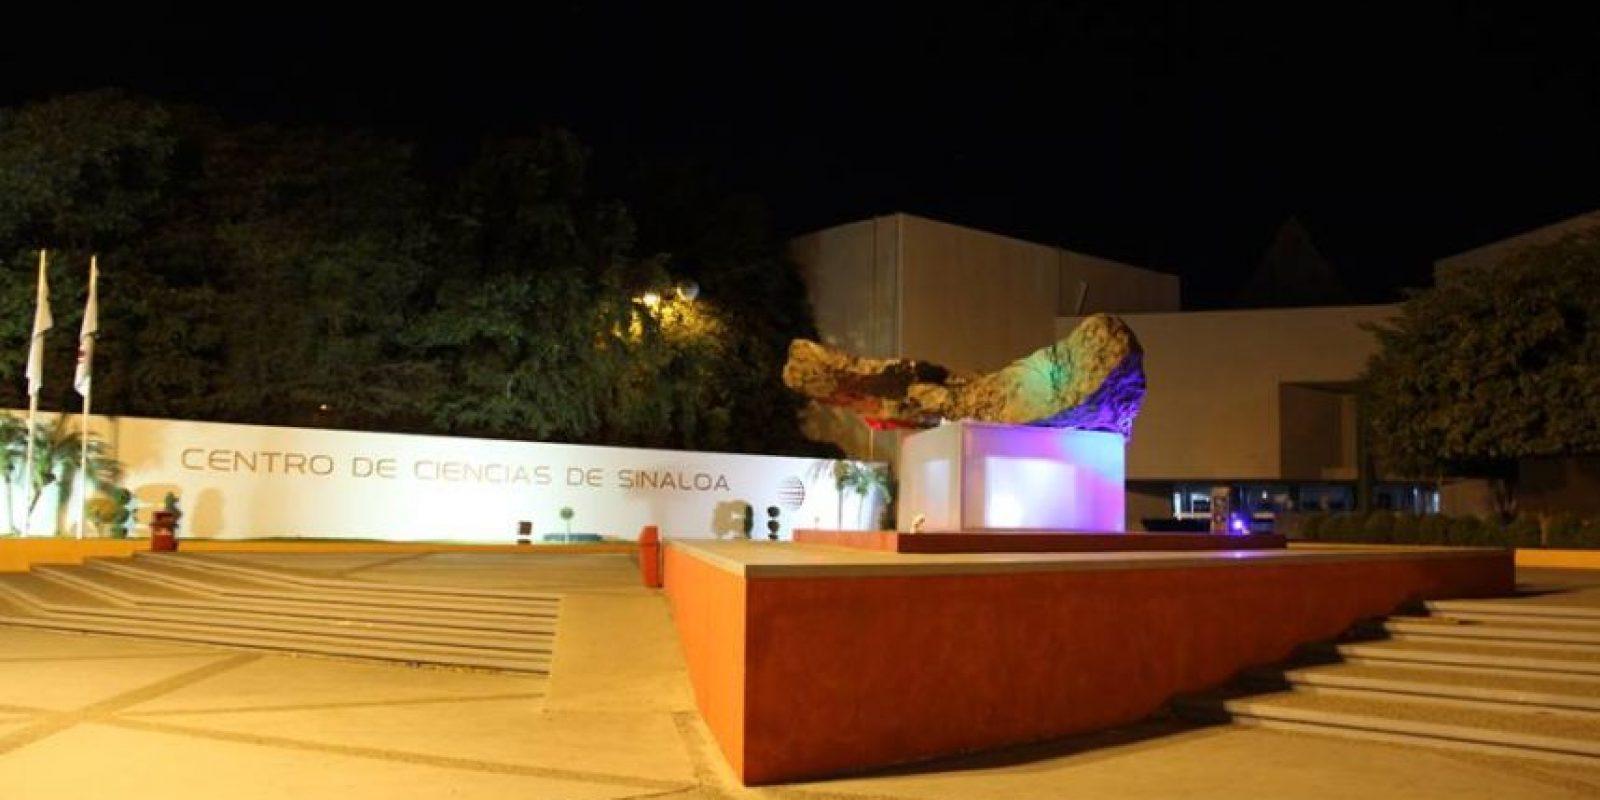 Foto:Tomado del Museo Centro de Ciencias de Sinaloa